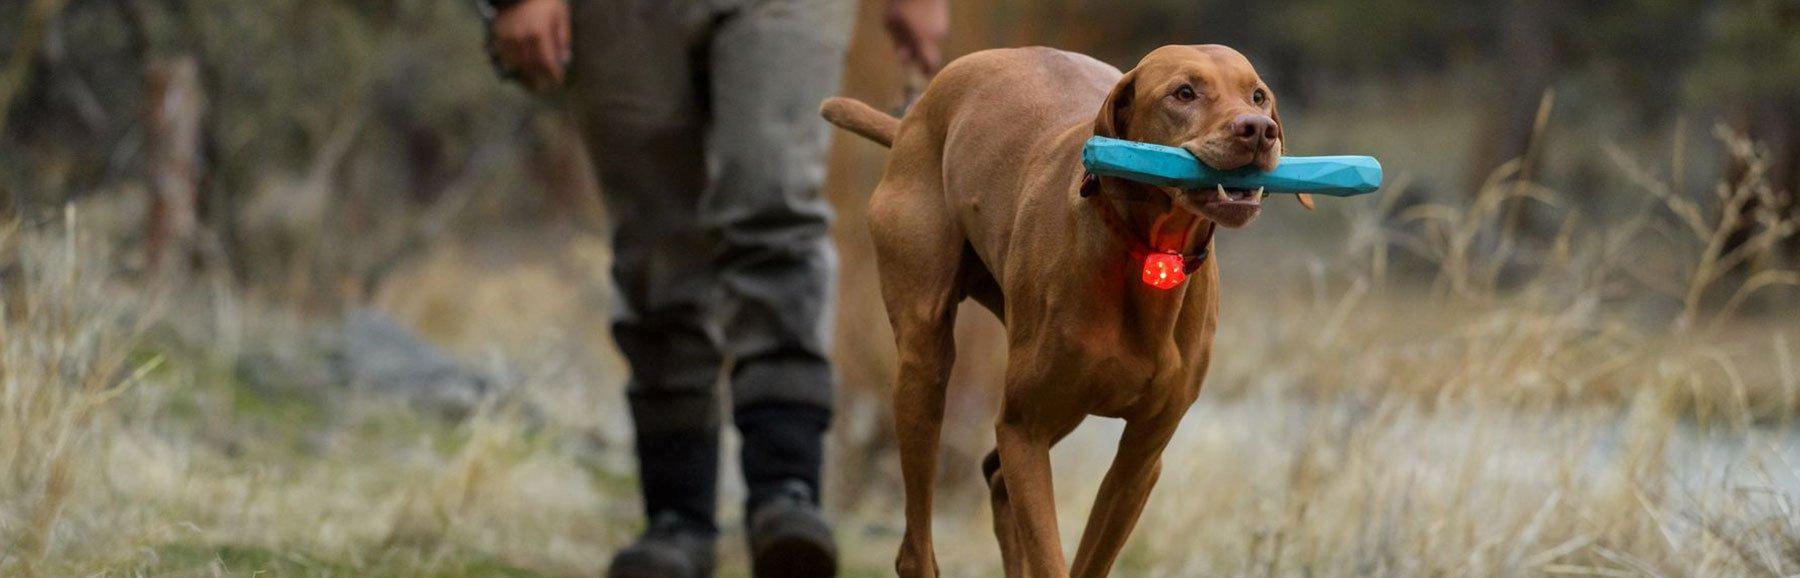 Hundesicherheit von Ruffwear